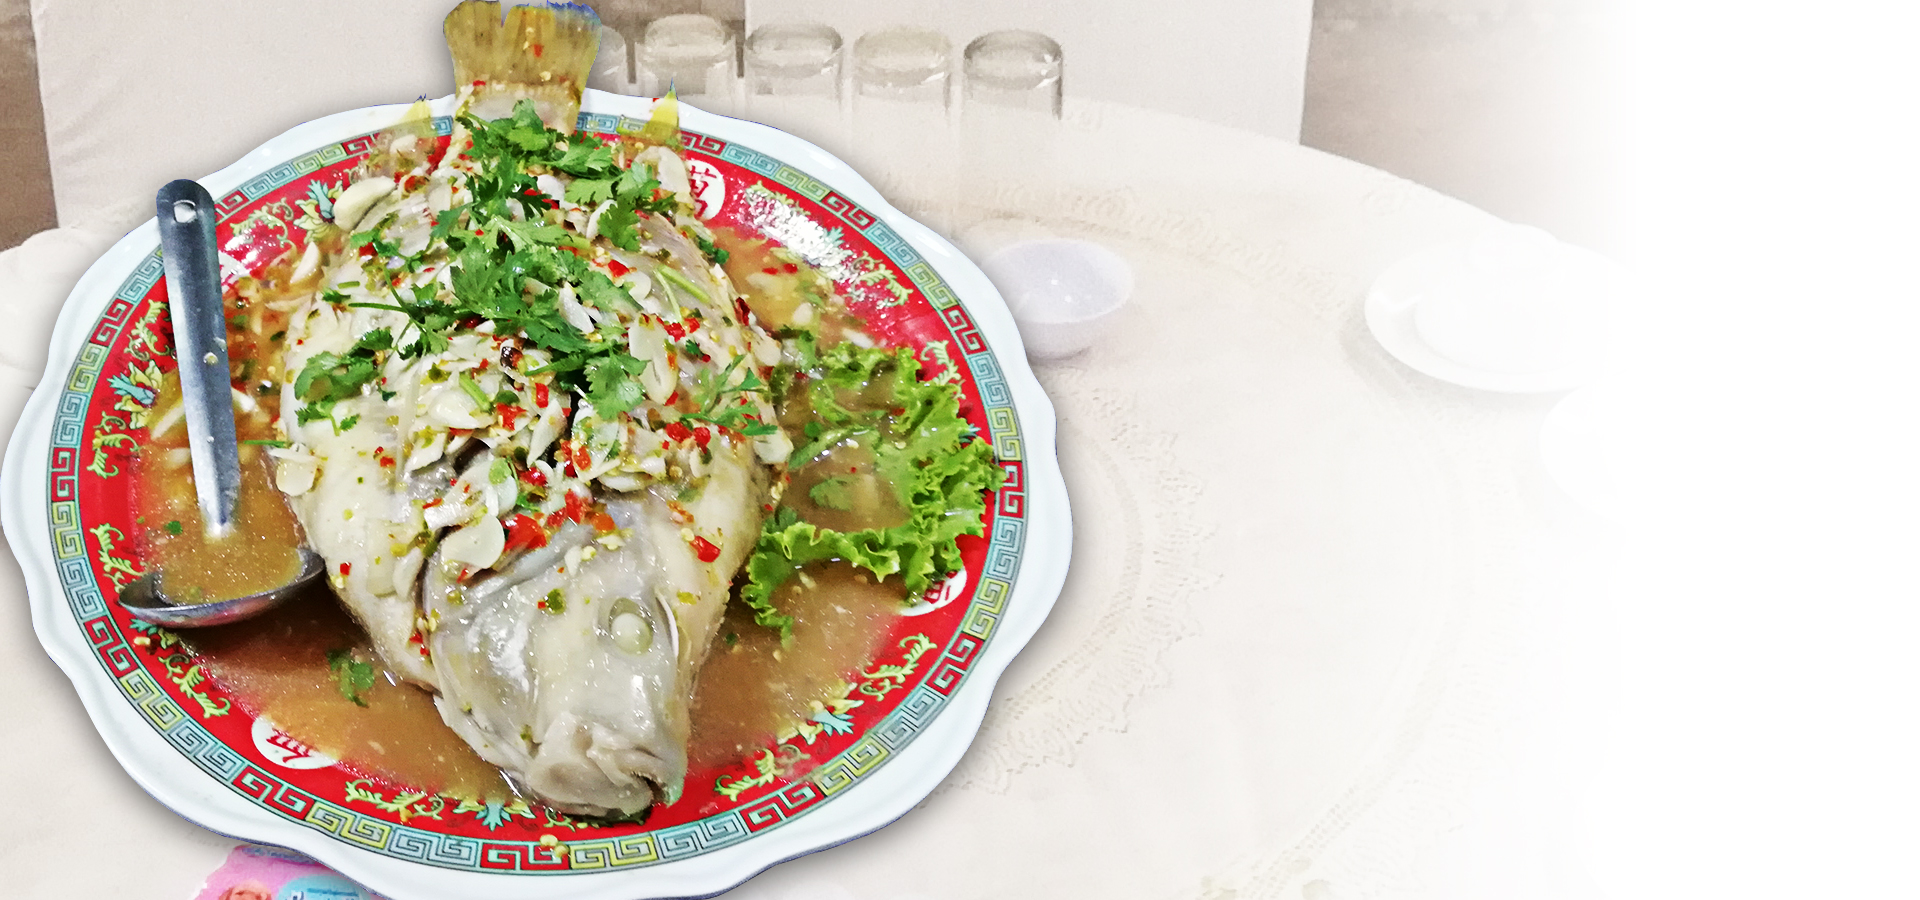 โต๊ะจีนภานุพงศ์โภชนา นครปฐม โต๊ะจีนราคาถูก